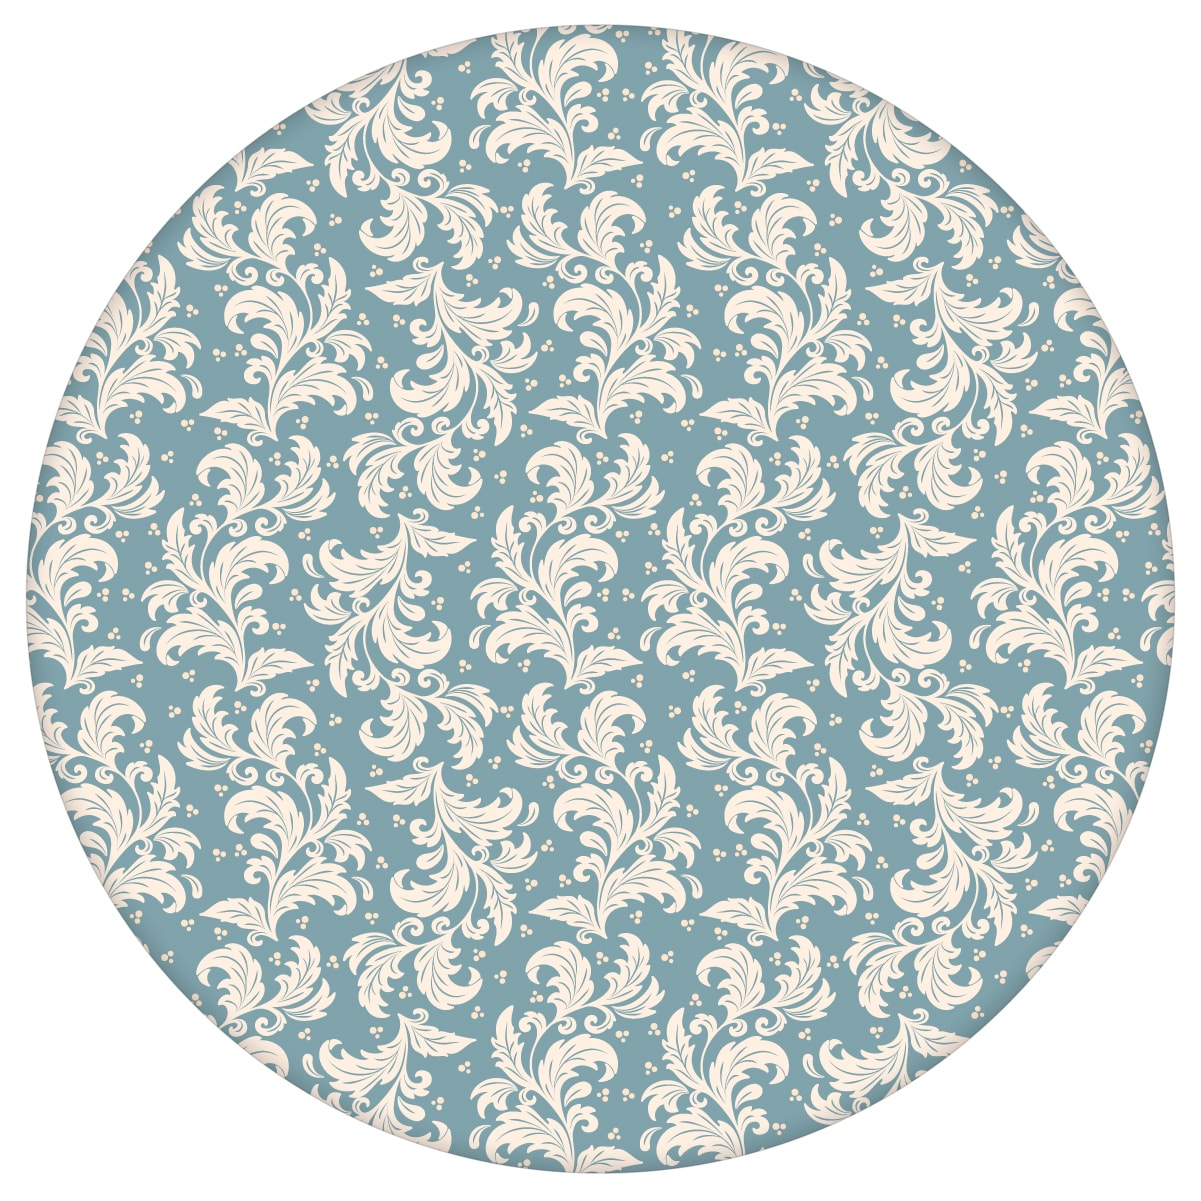 Ornamenttapete Nostalgie Ranken mit Blatt Muster in hellblau - Vlies Tapete Ornamente für Wohnzimmer